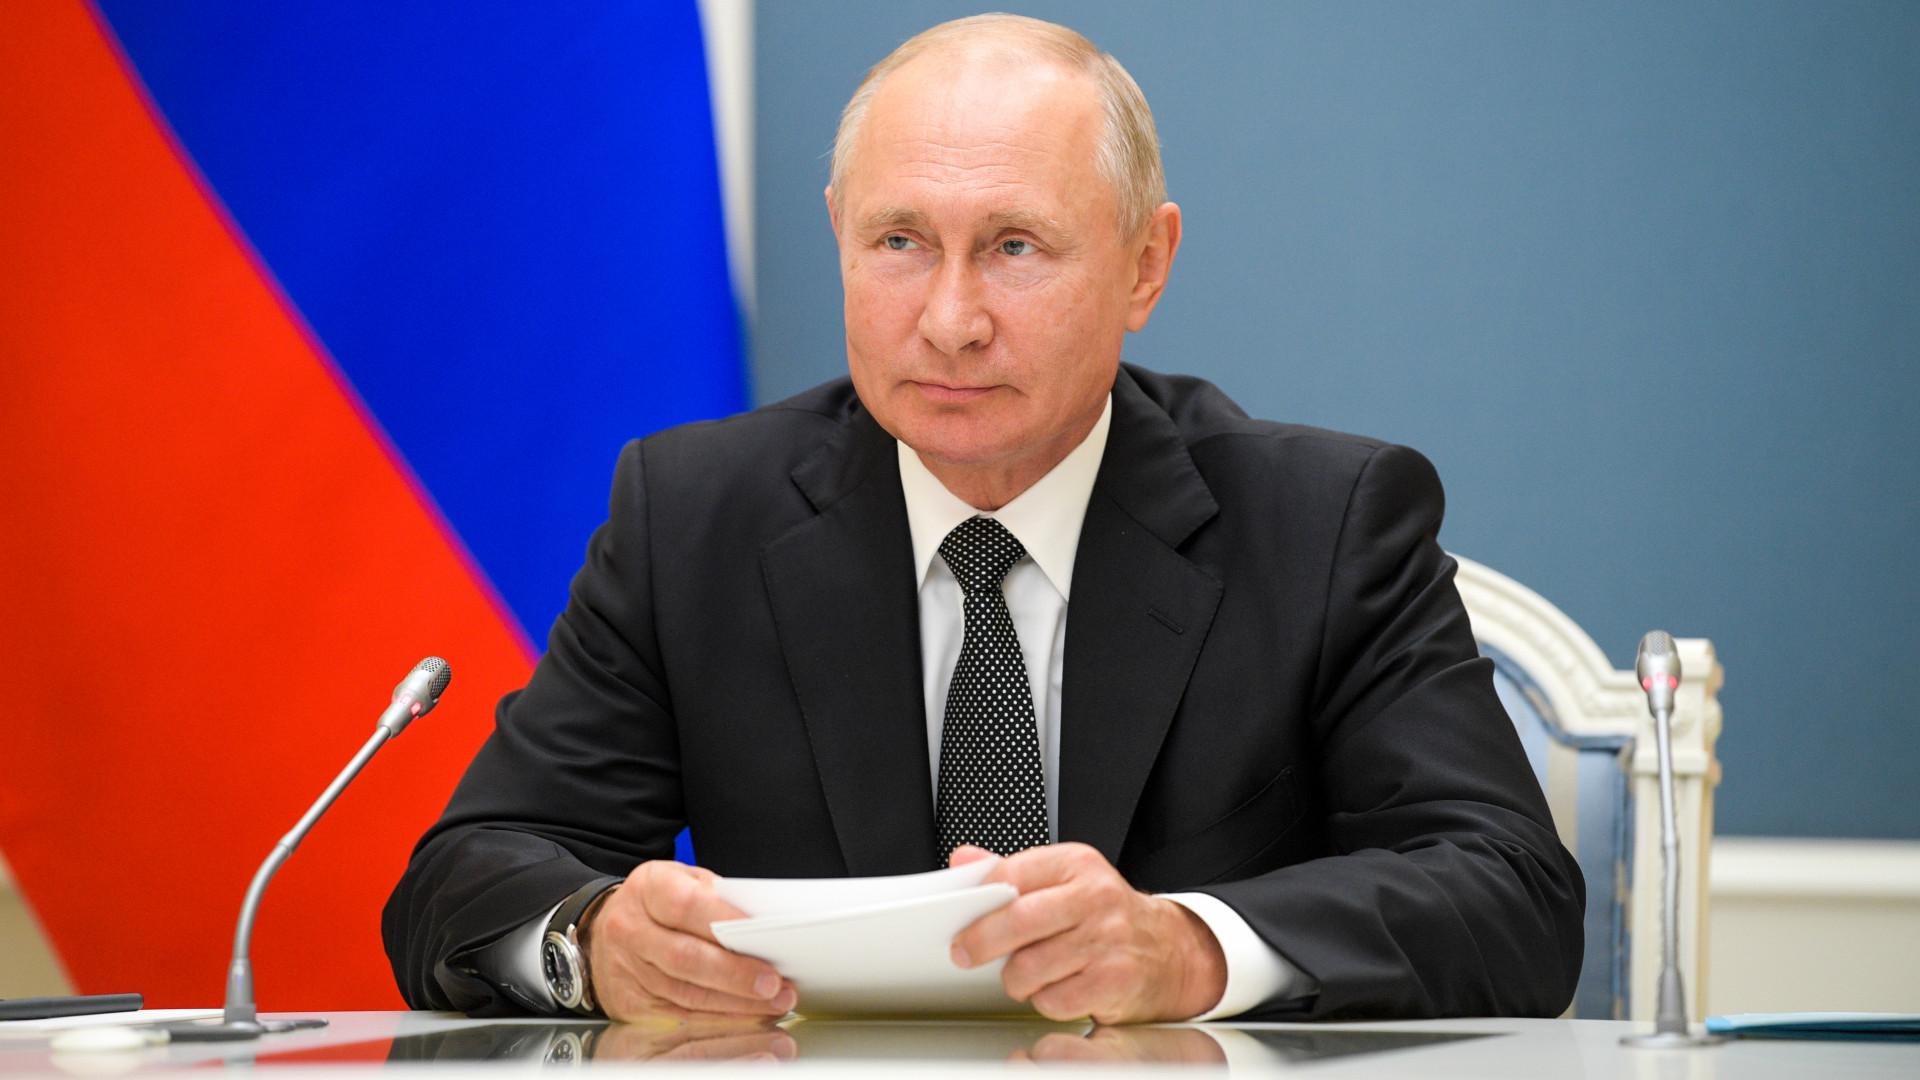 Putyin parazitának nevezte az Egyesült Államokat